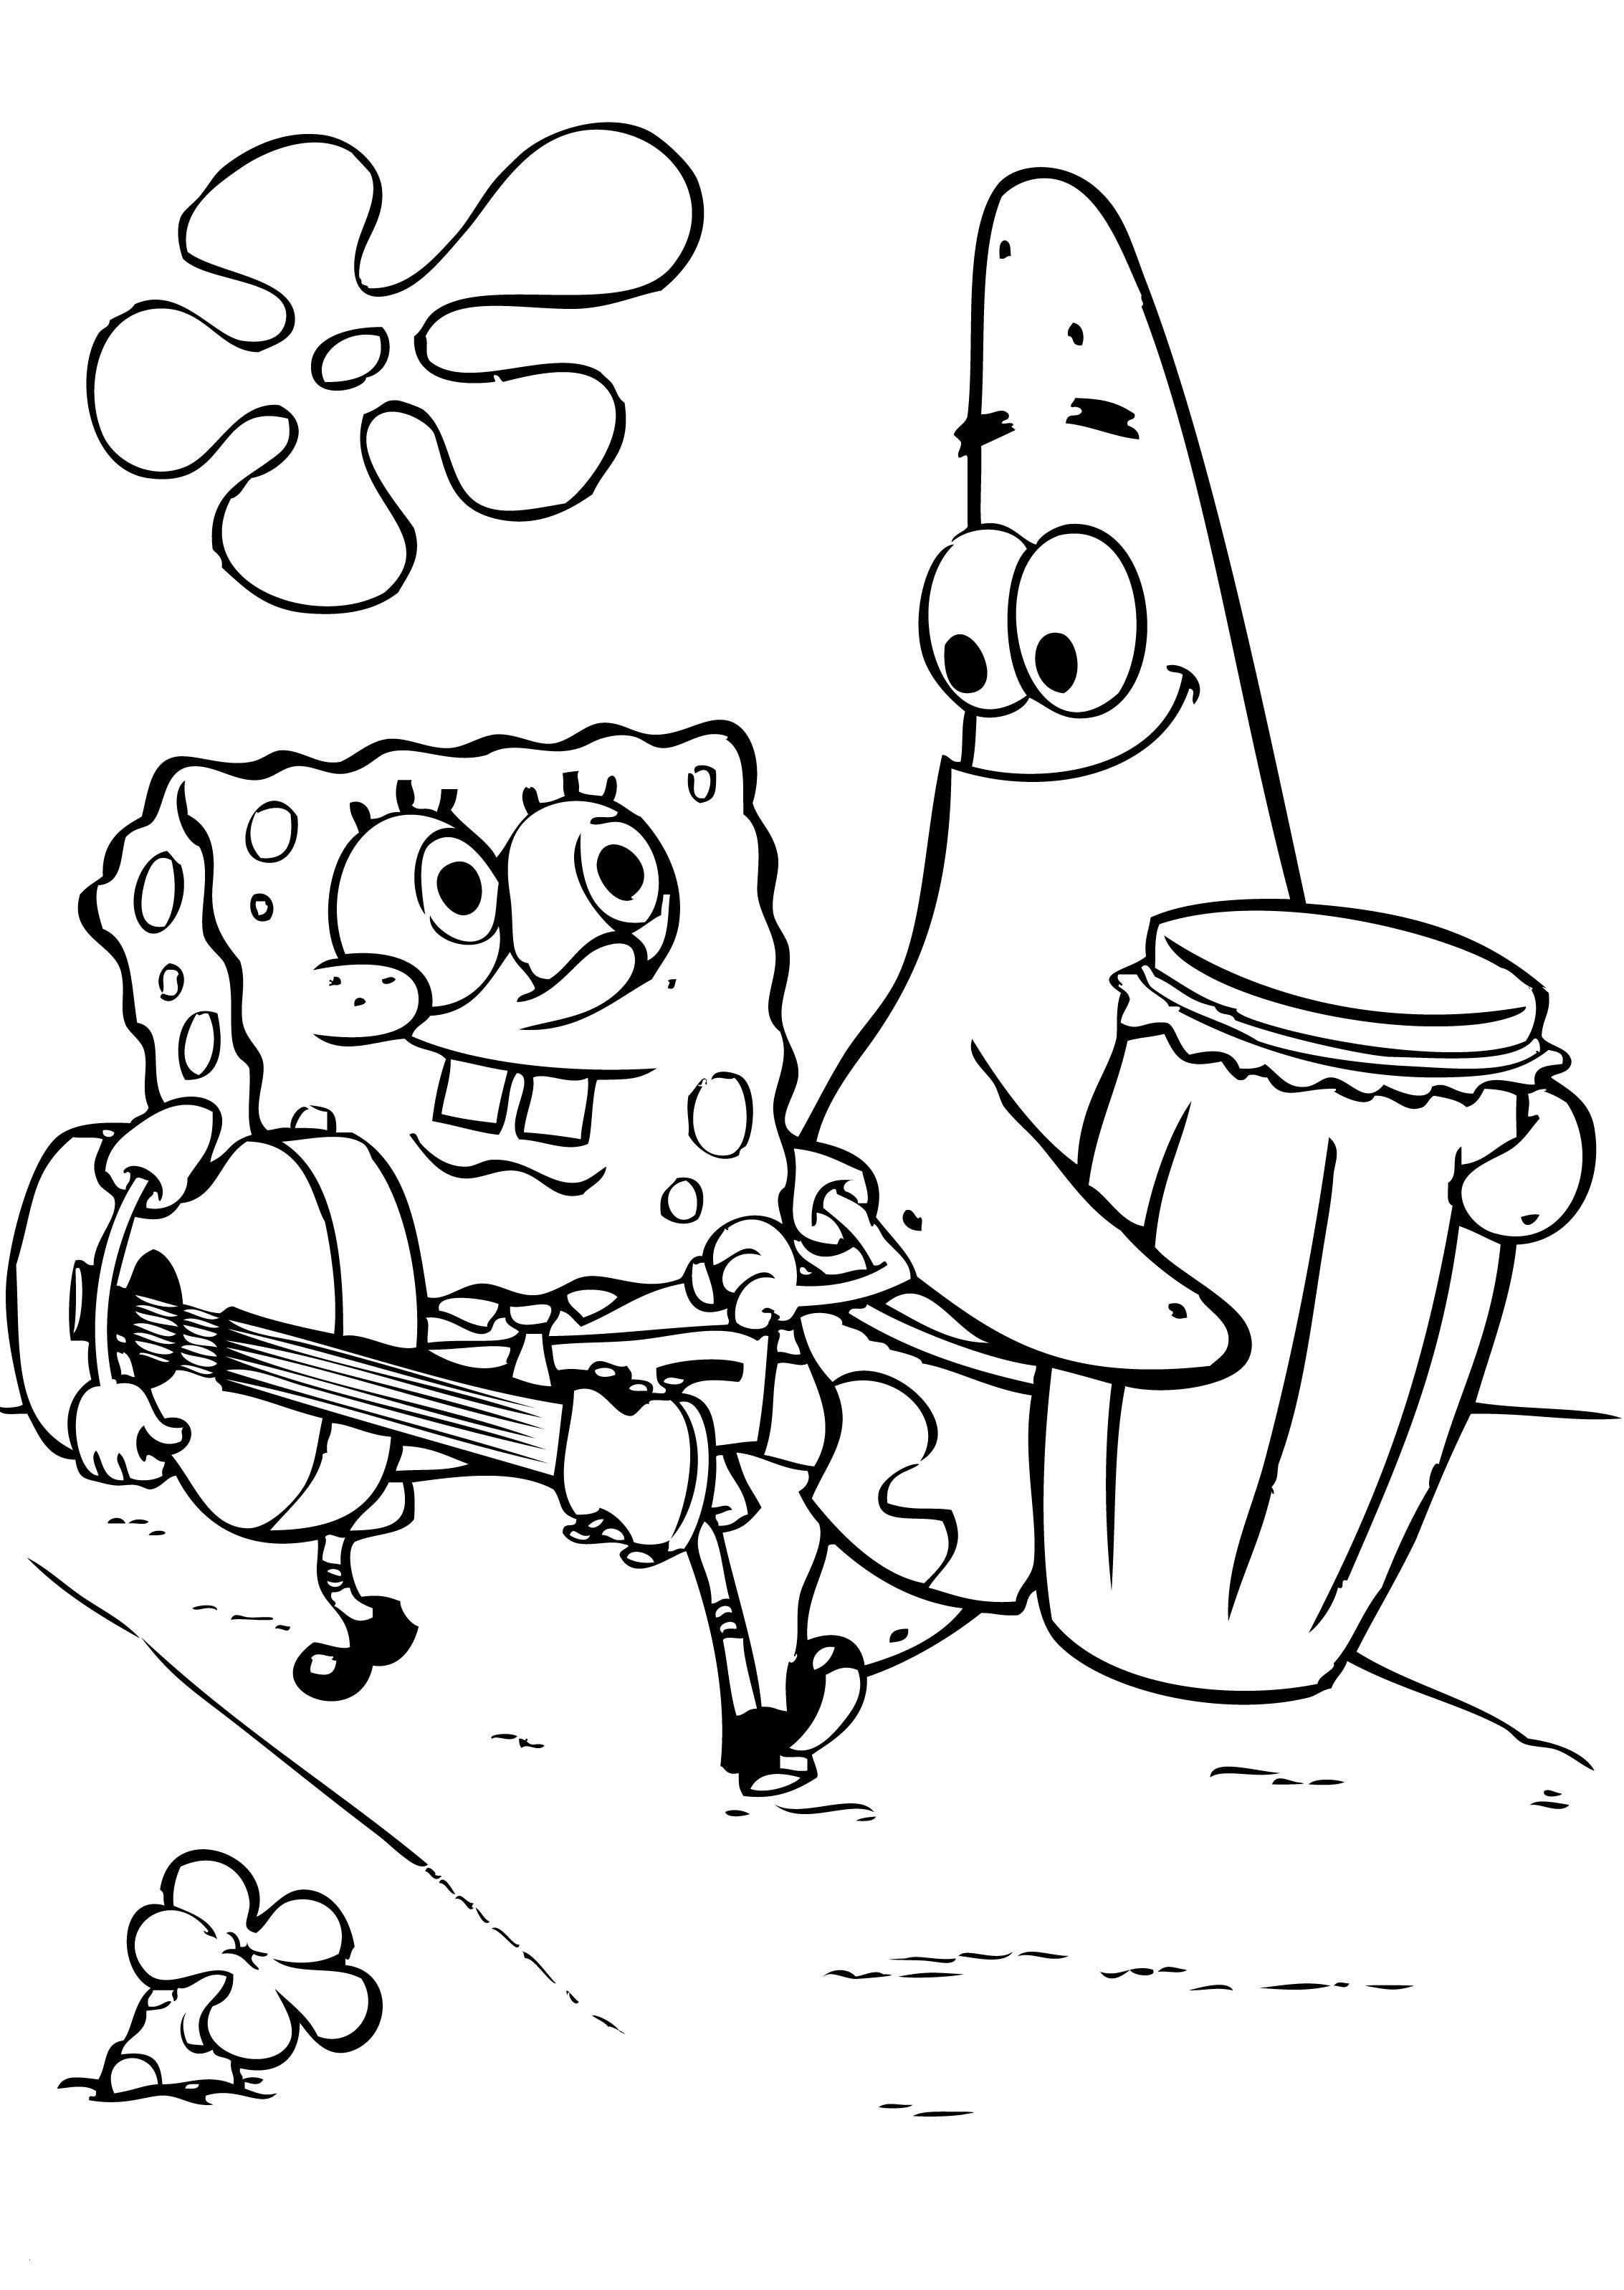 Spongebob Zum Ausmalen Inspirierend Spongebob Squarepants Coloring Pages Luxury Cool Coloring Page Luxus Das Bild